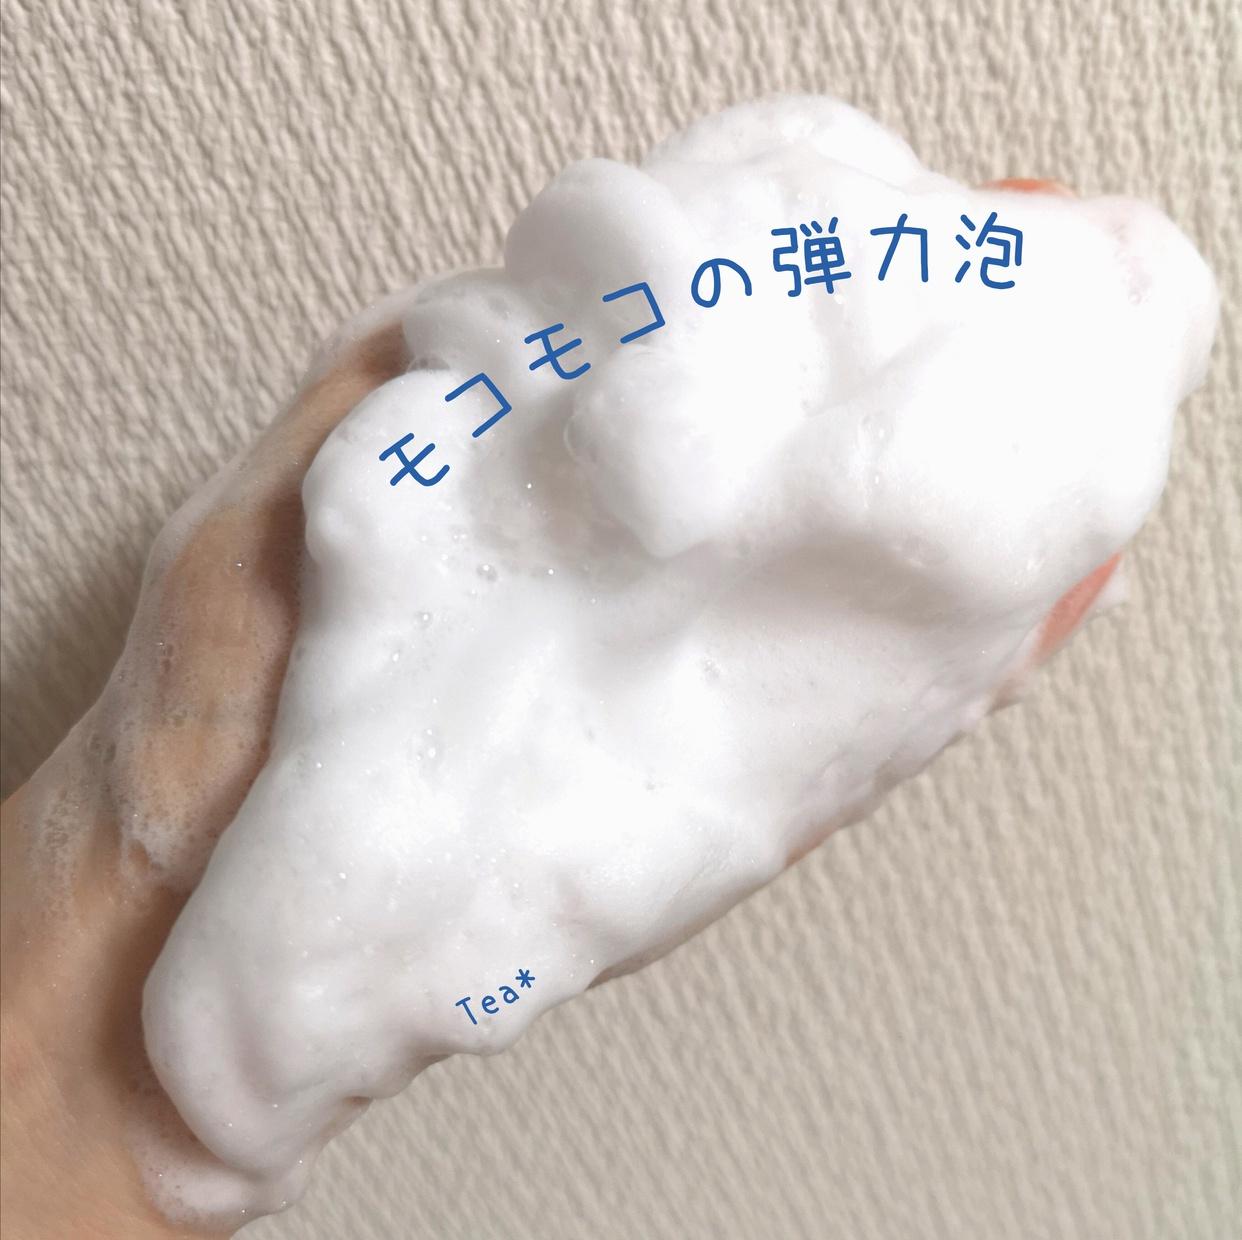 FANCL(ファンケル) ホワイト洗顔パウダーC+を使ったTea*さんのクチコミ画像3